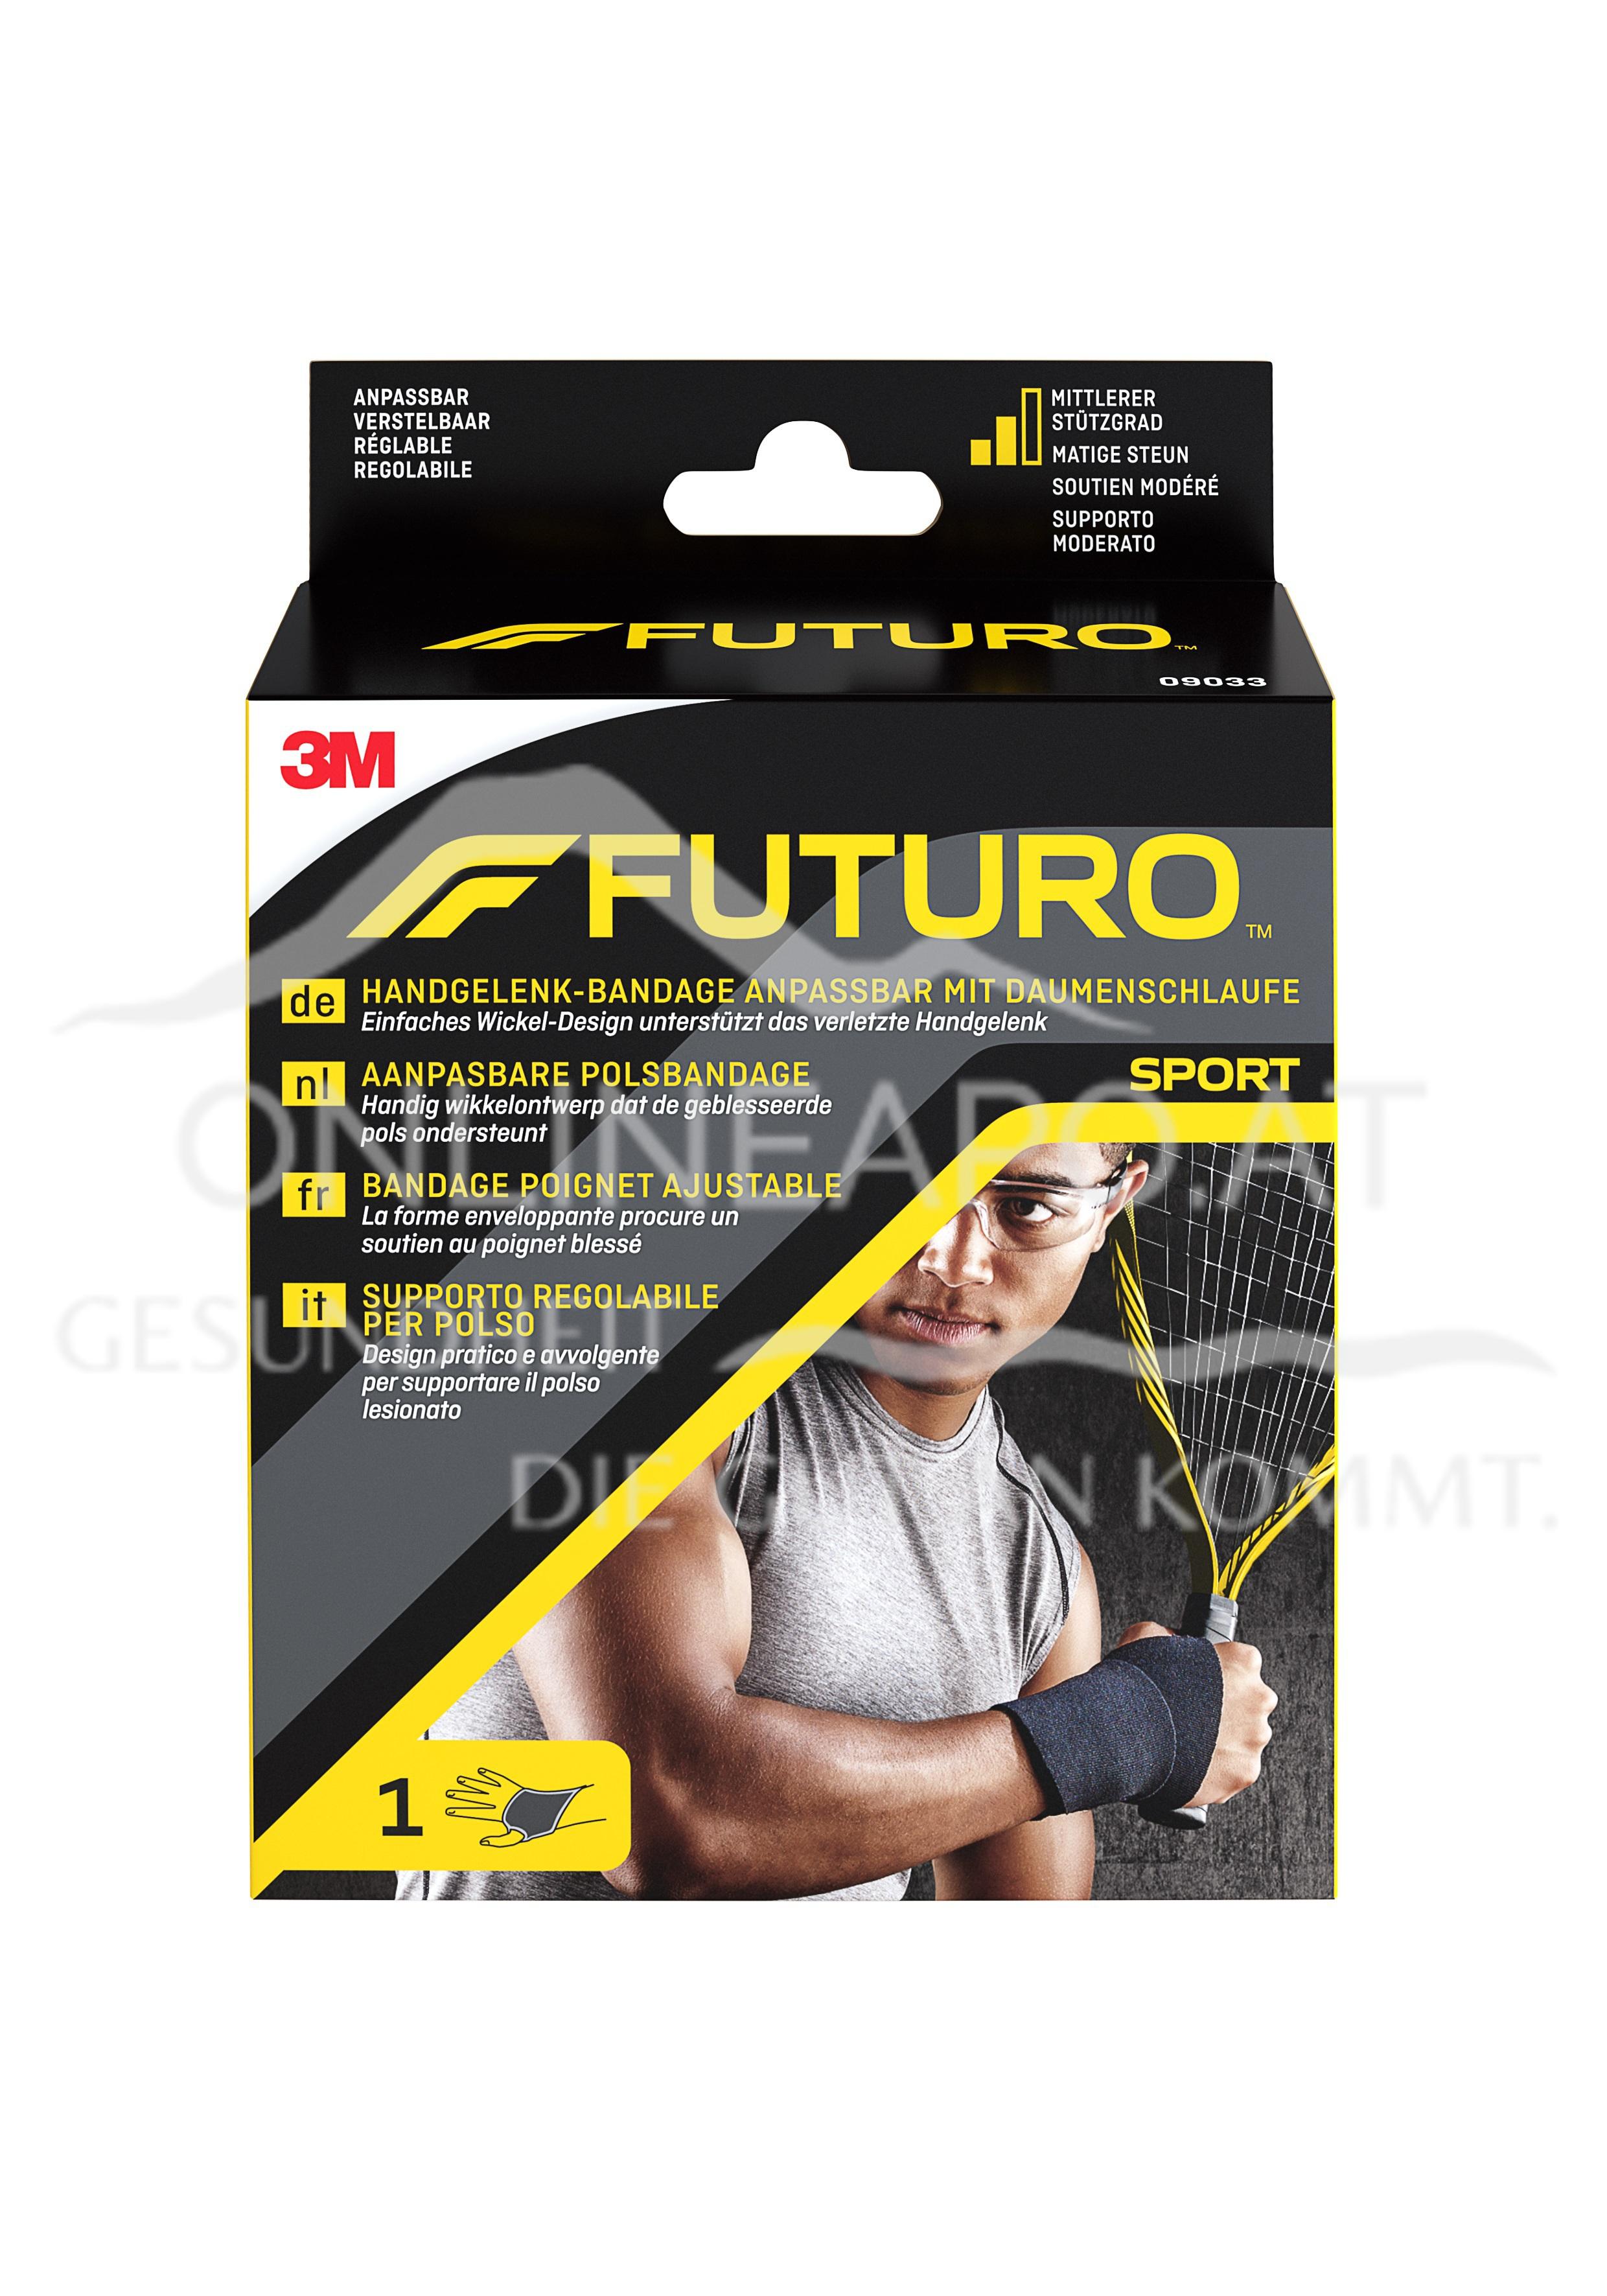 Futuro Sport Handgelenk-Bandage mit Daumenschlaufe